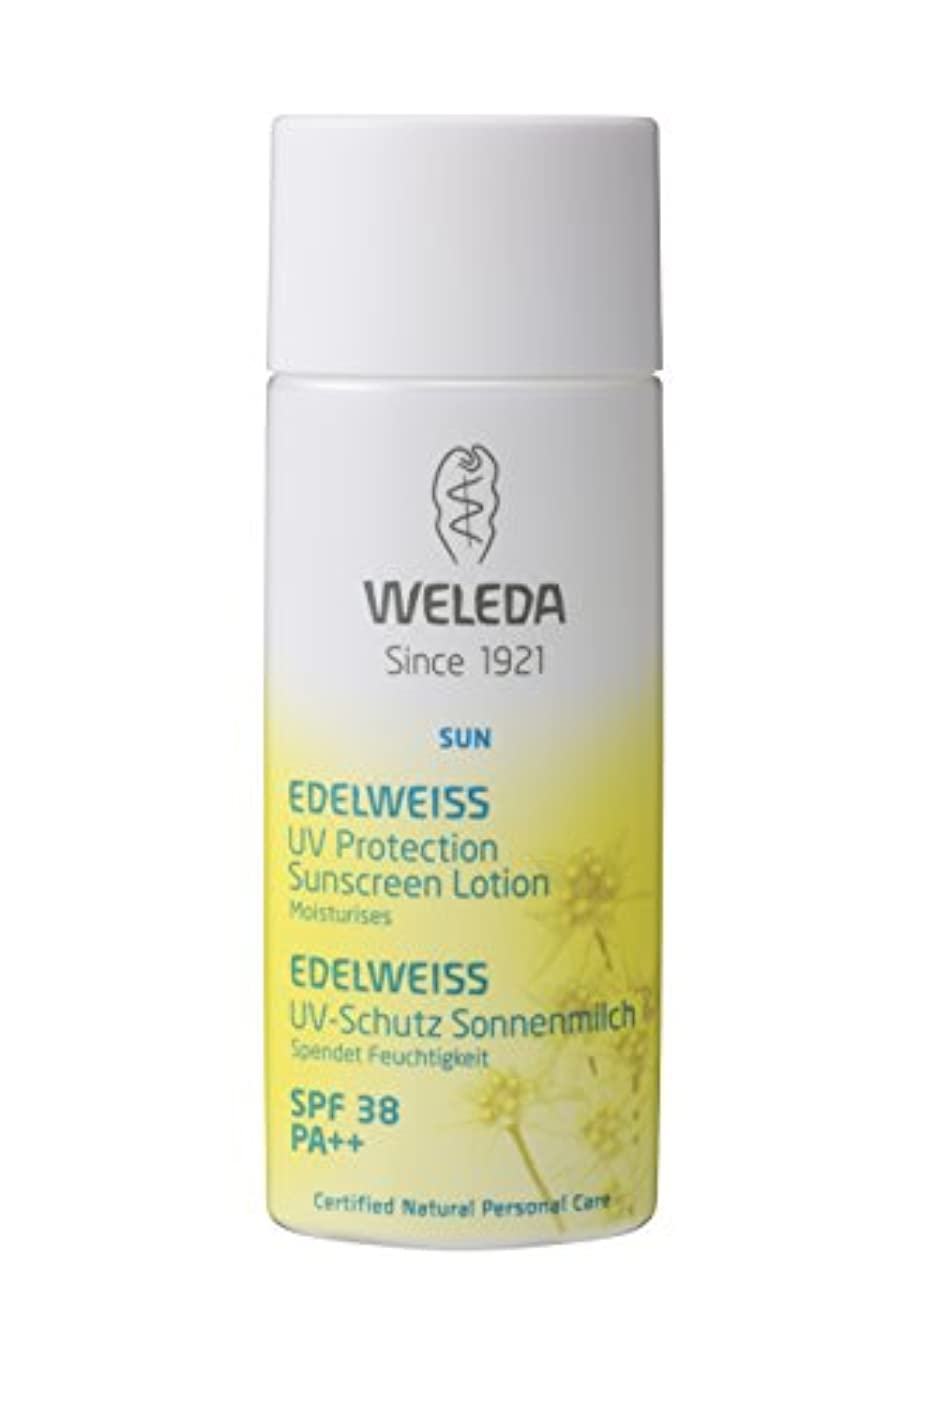 近く独立して集中WELEDA(ヴェレダ) エーデルワイスUVプロテクト SPF38 PA++ 90ml